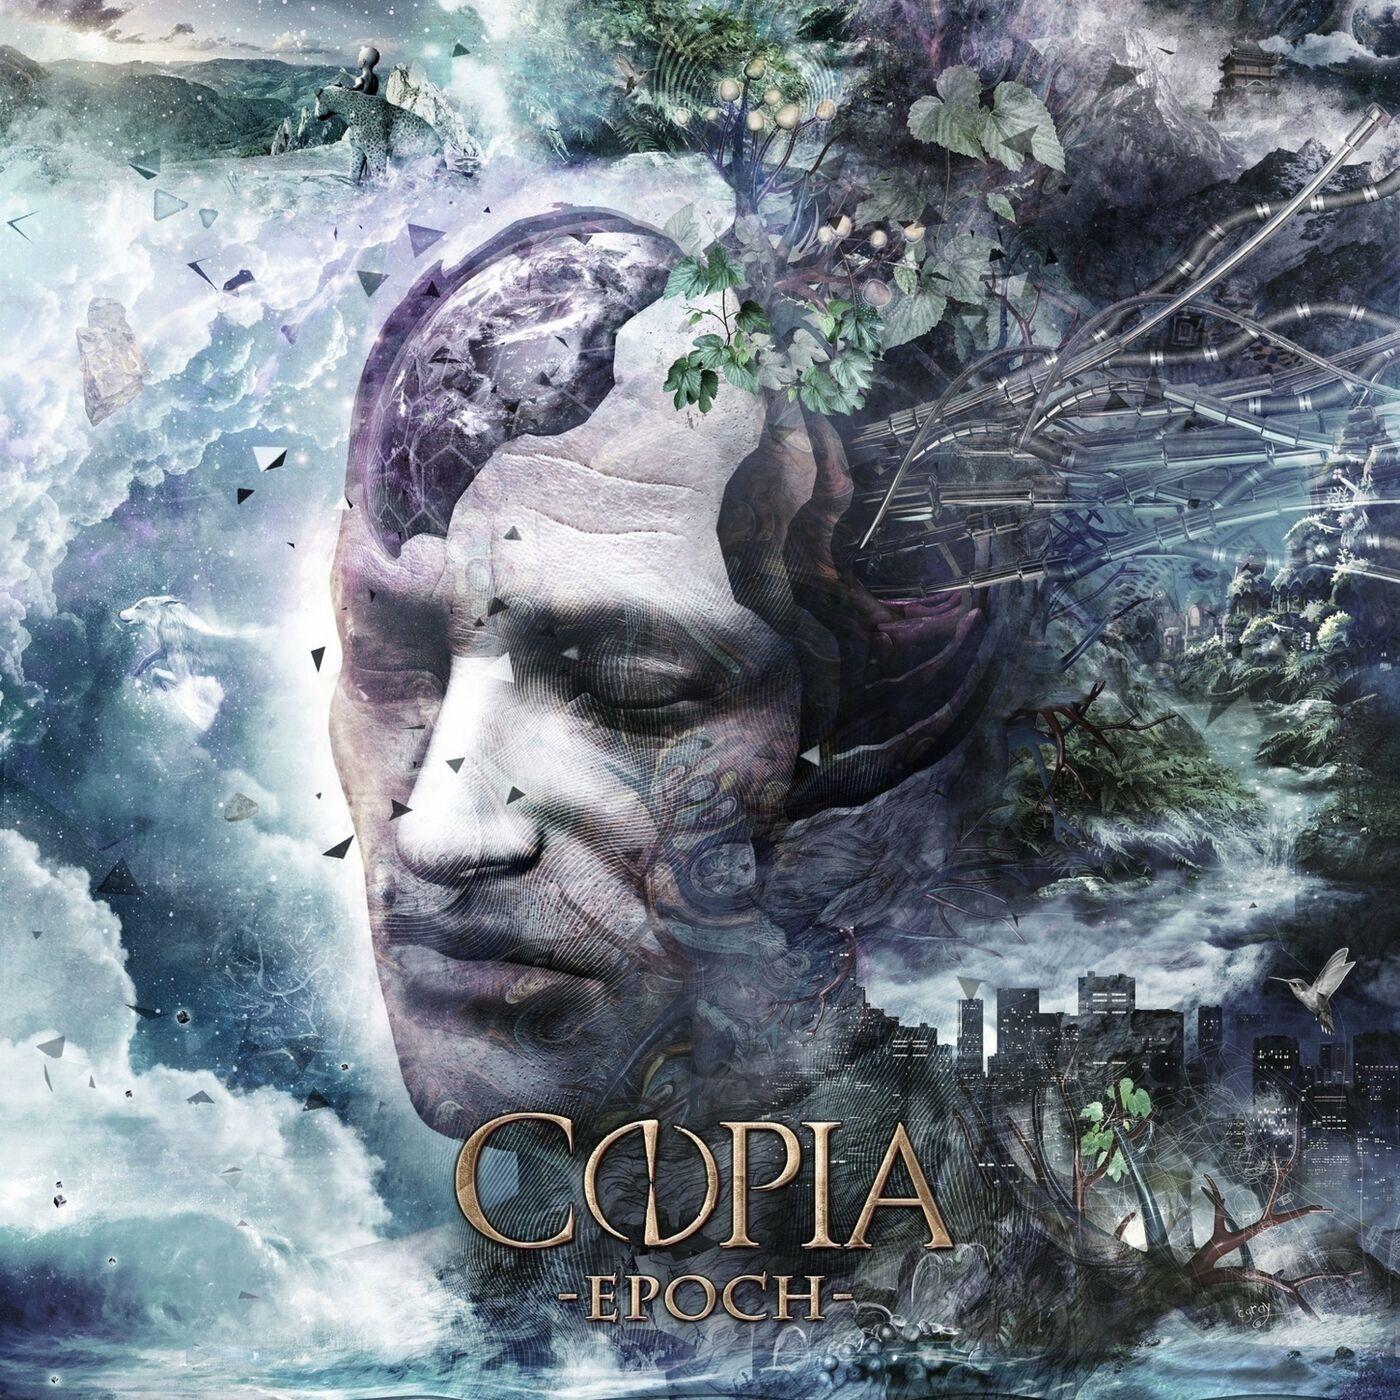 COPIA - EPOCH (2017)